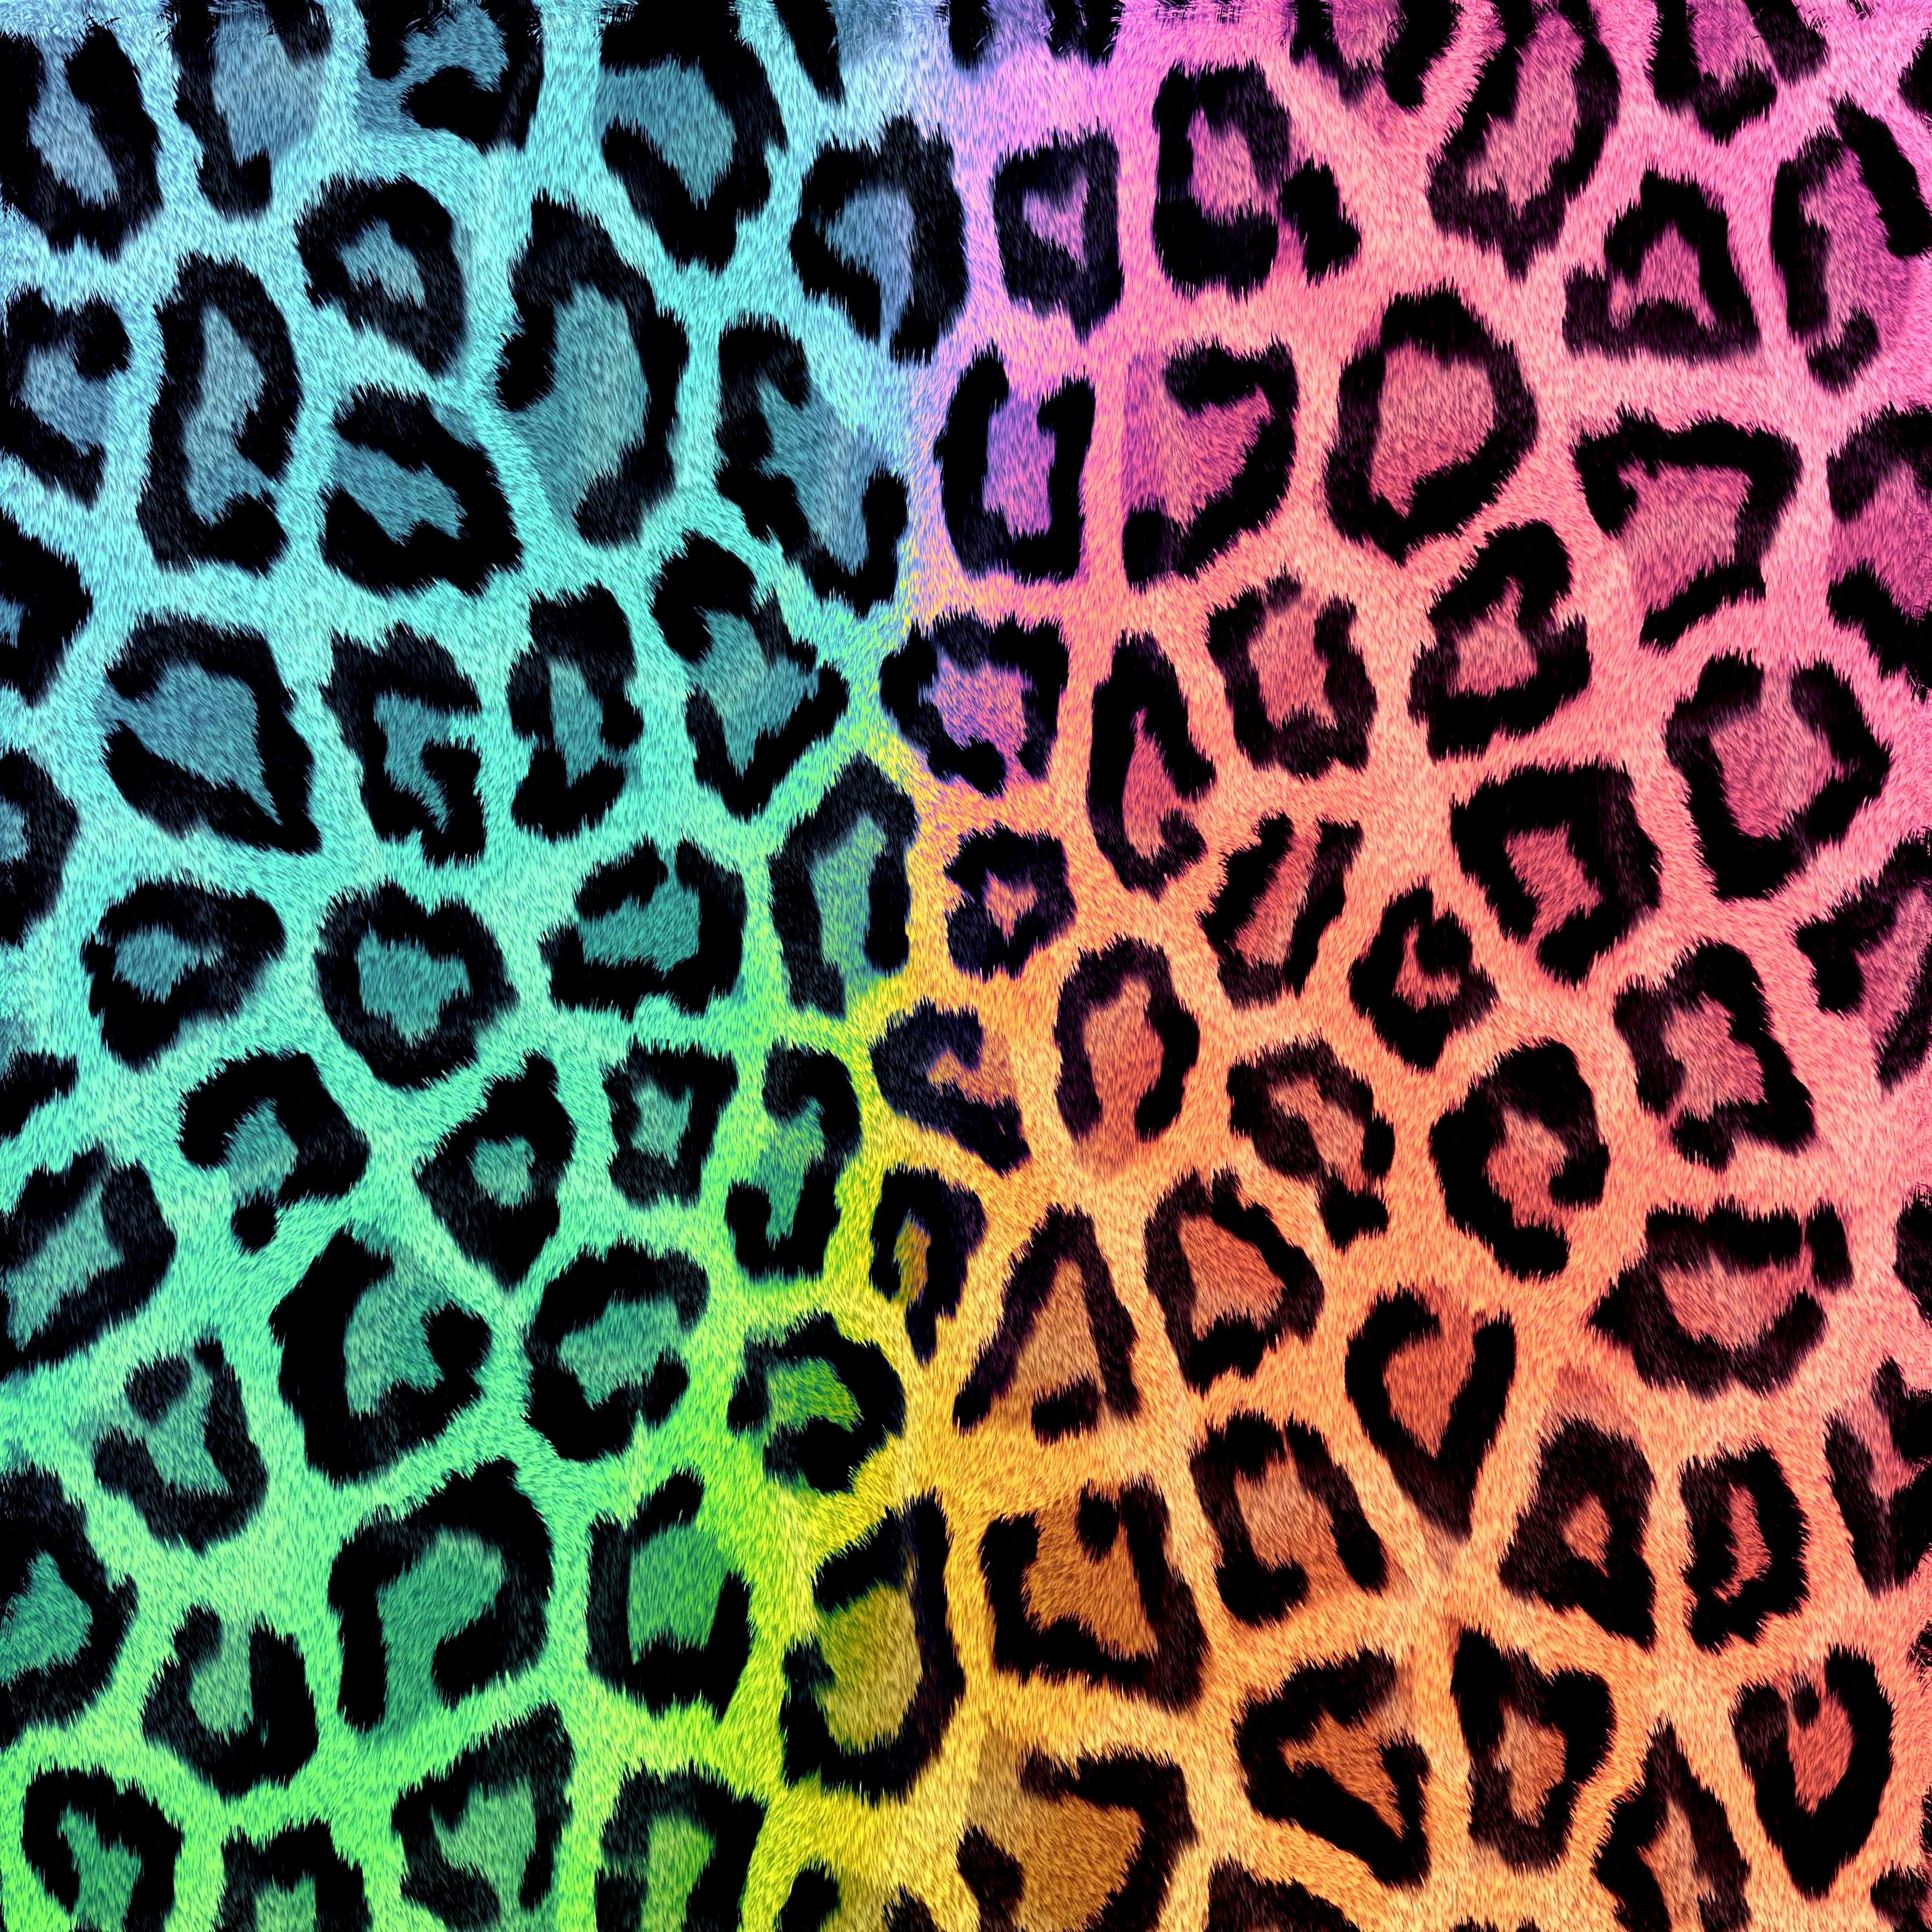 free seamless pattern backgrounds patterncoolercom - HD1920×1920